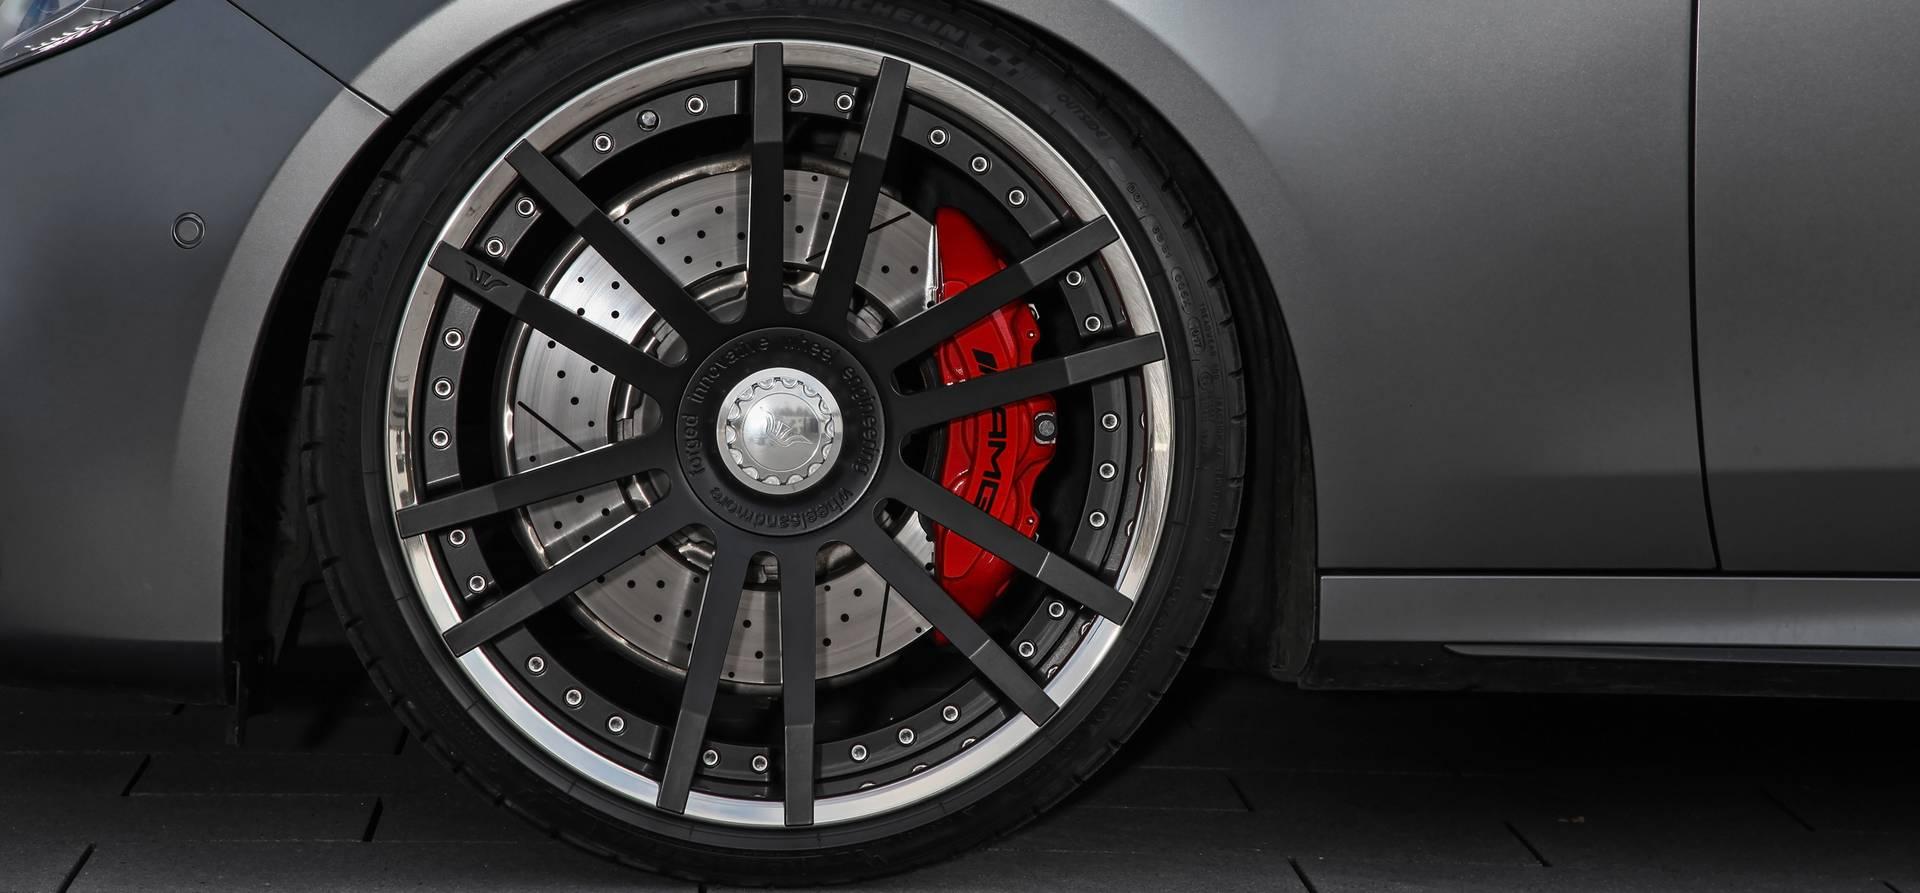 Модификации поставляются с неограниченной гарантией на двигатель и вспомогательные детали в течение 24 месяцев.